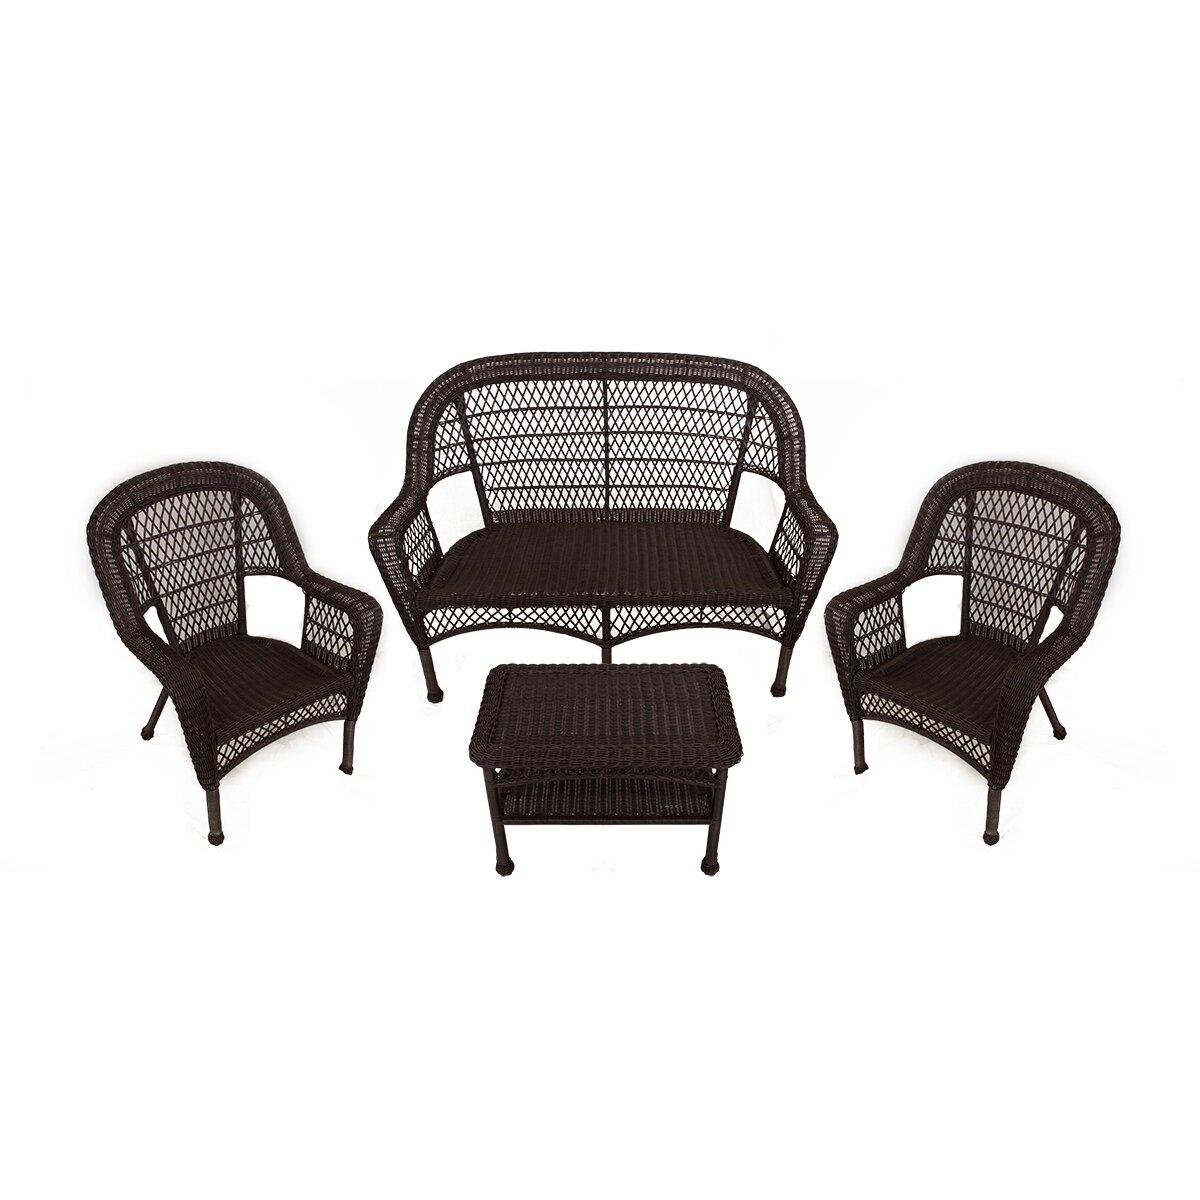 aluminum wicker patio furniture ideas